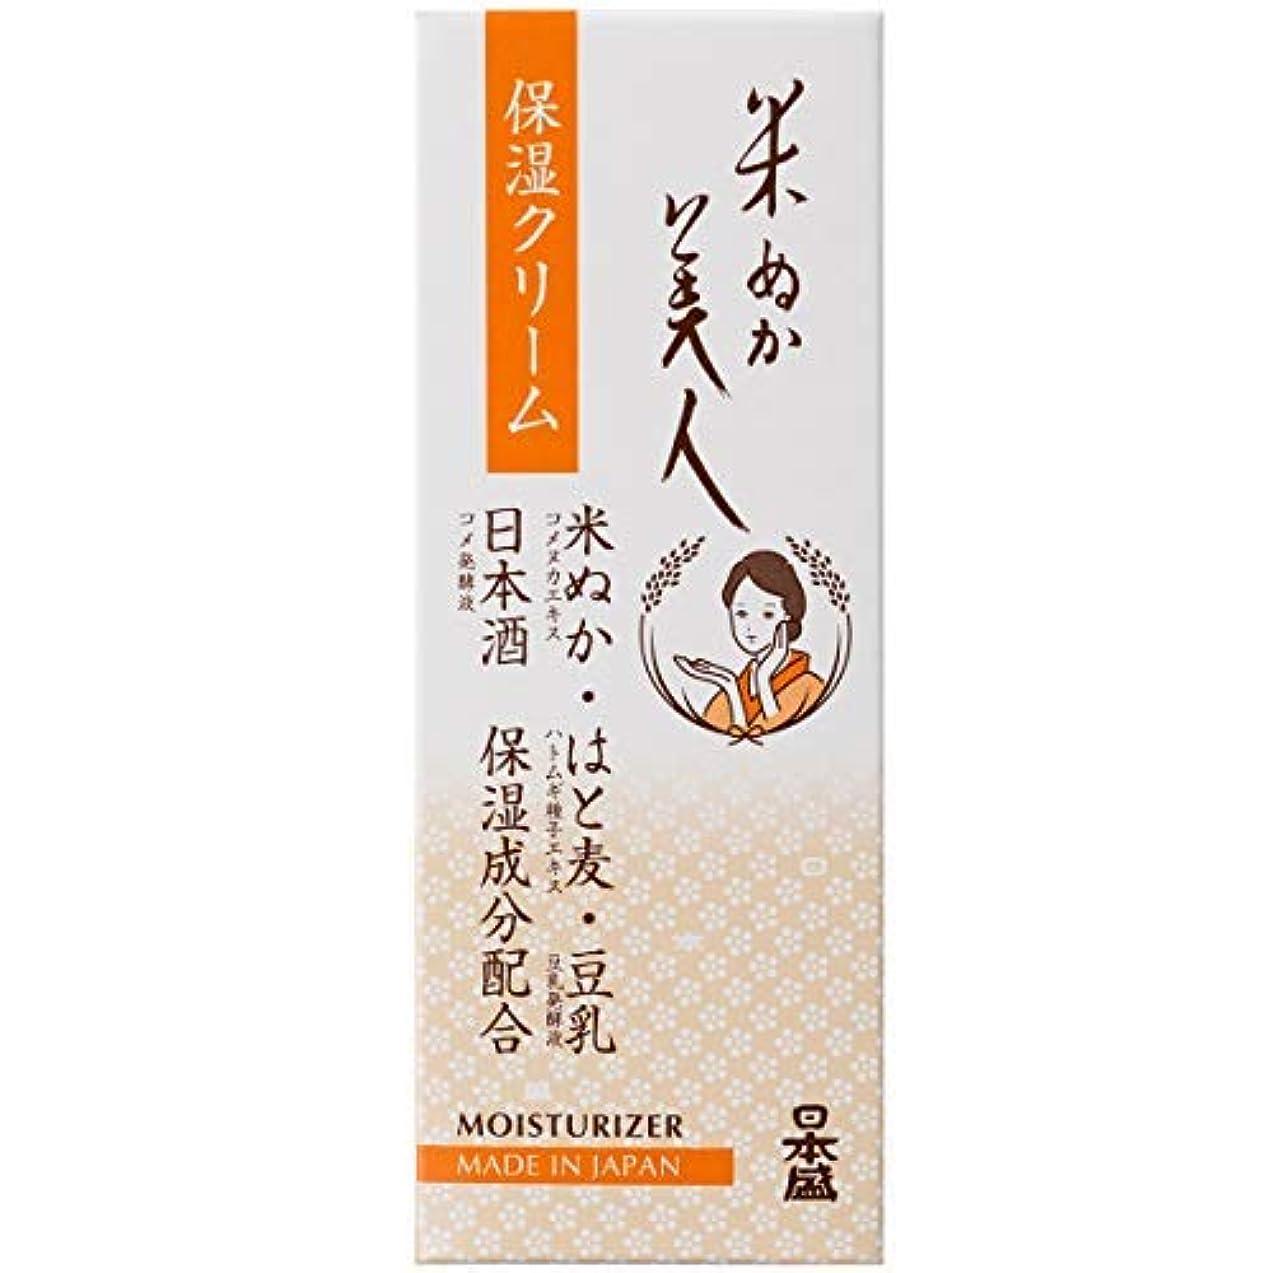 驚いたことに検出する出口米ぬか美人 保湿クリーム × 3個セット